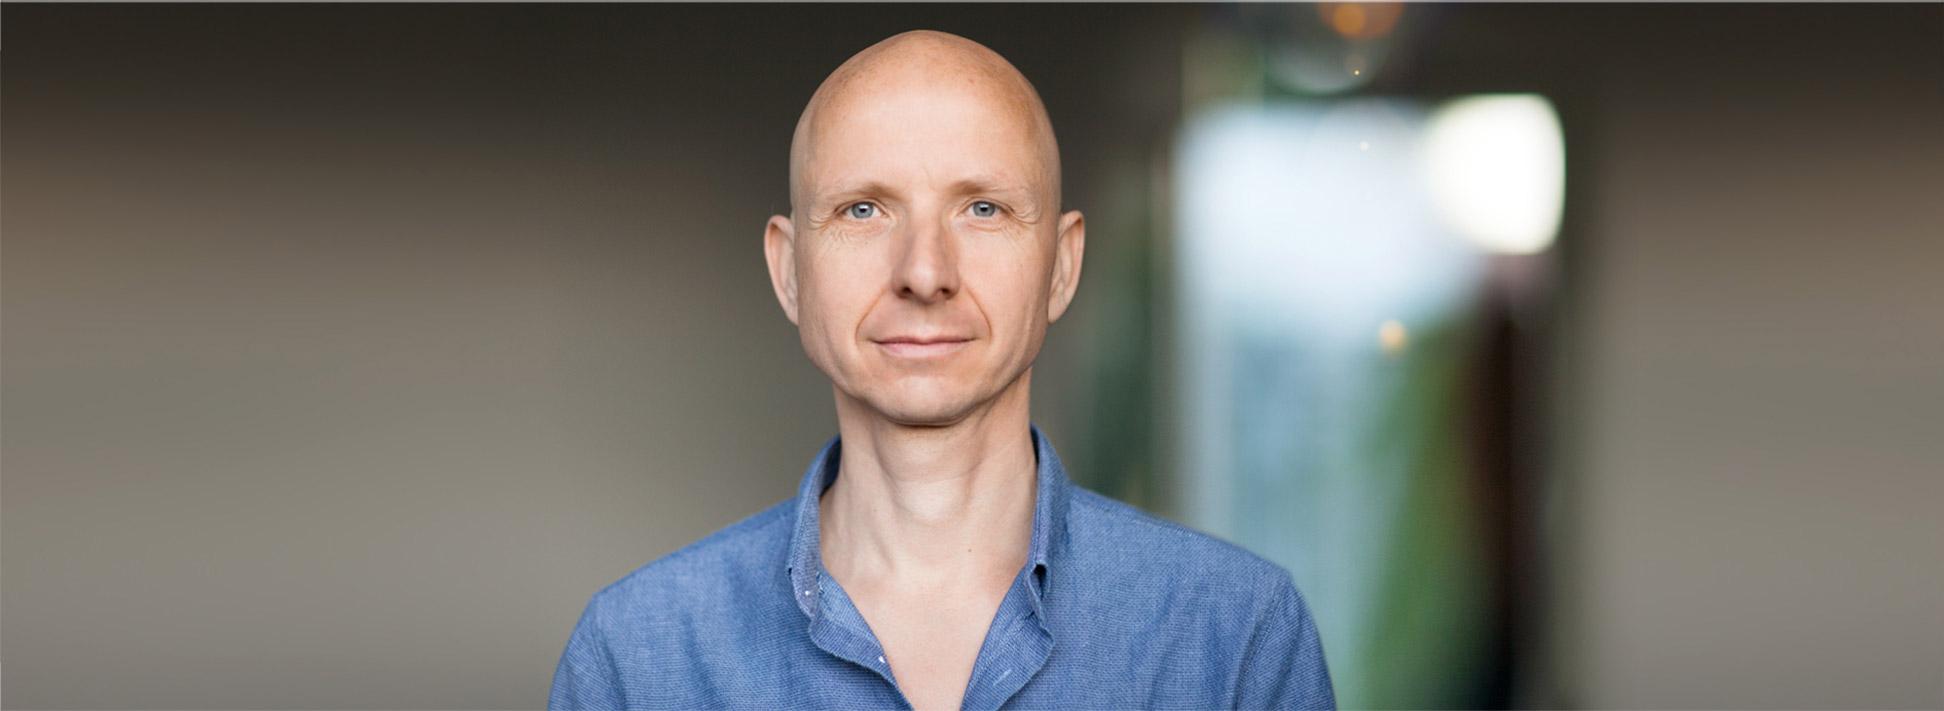 Ralf Hiemisch unterichtet Alexandertechnik in Berlin